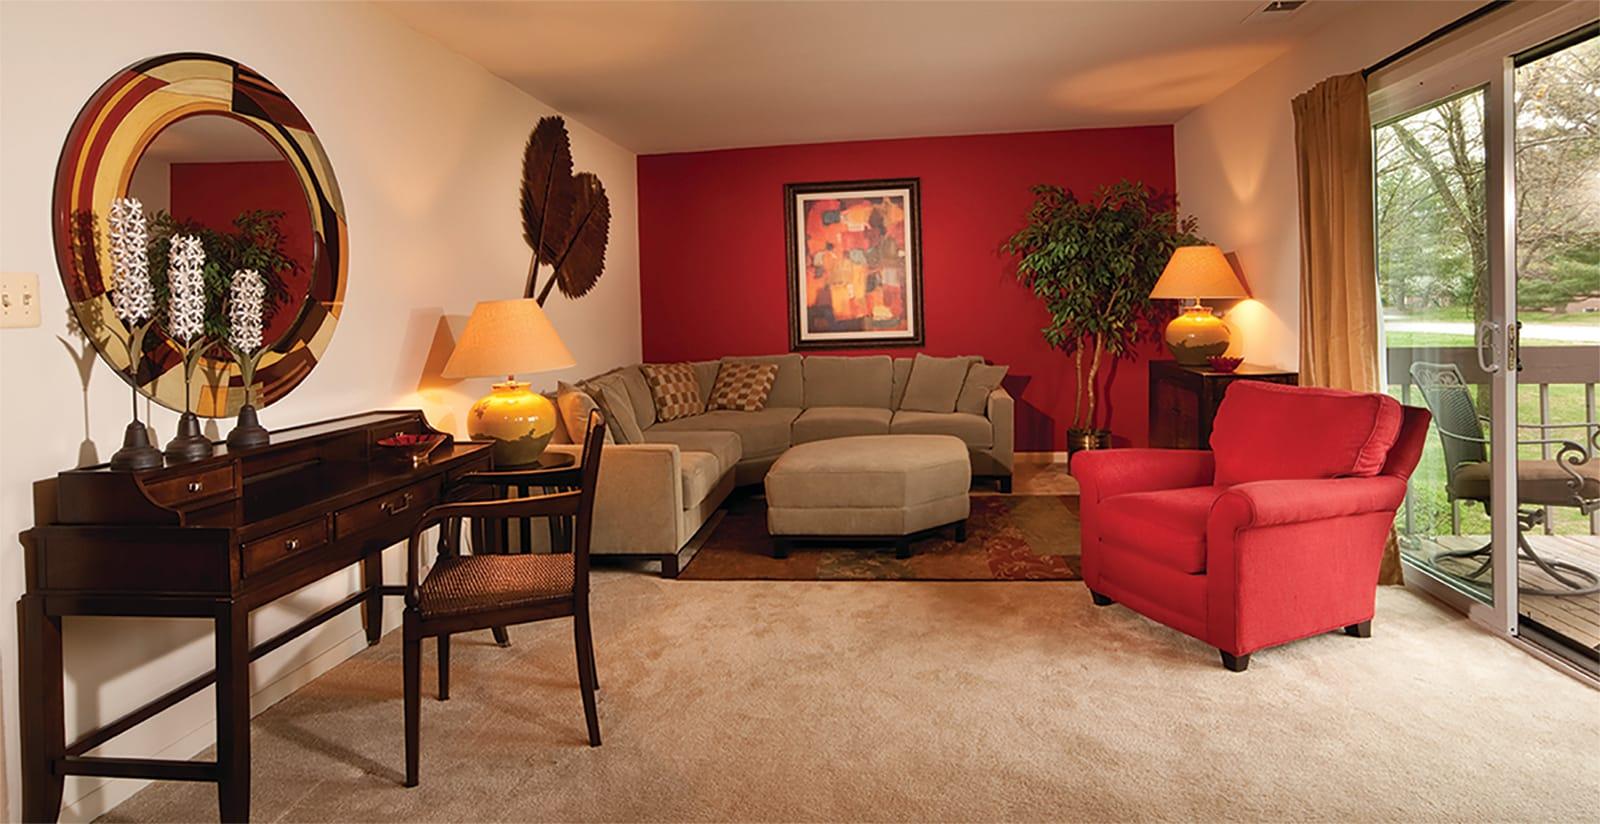 Apartment rentals in Cockeysville, MD